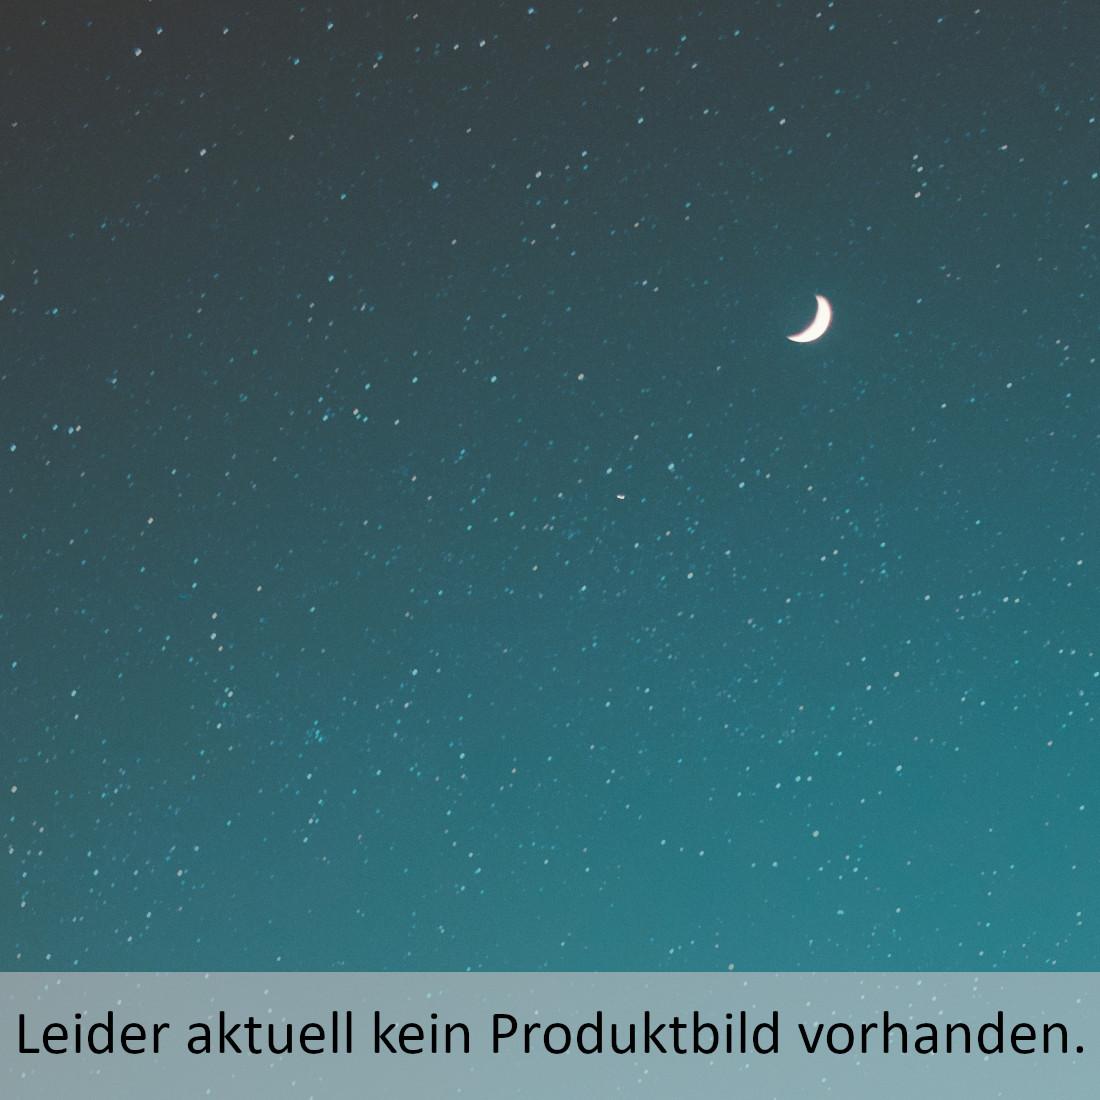 Luthers Tischreden Reinhard Dithmar 9783861602361